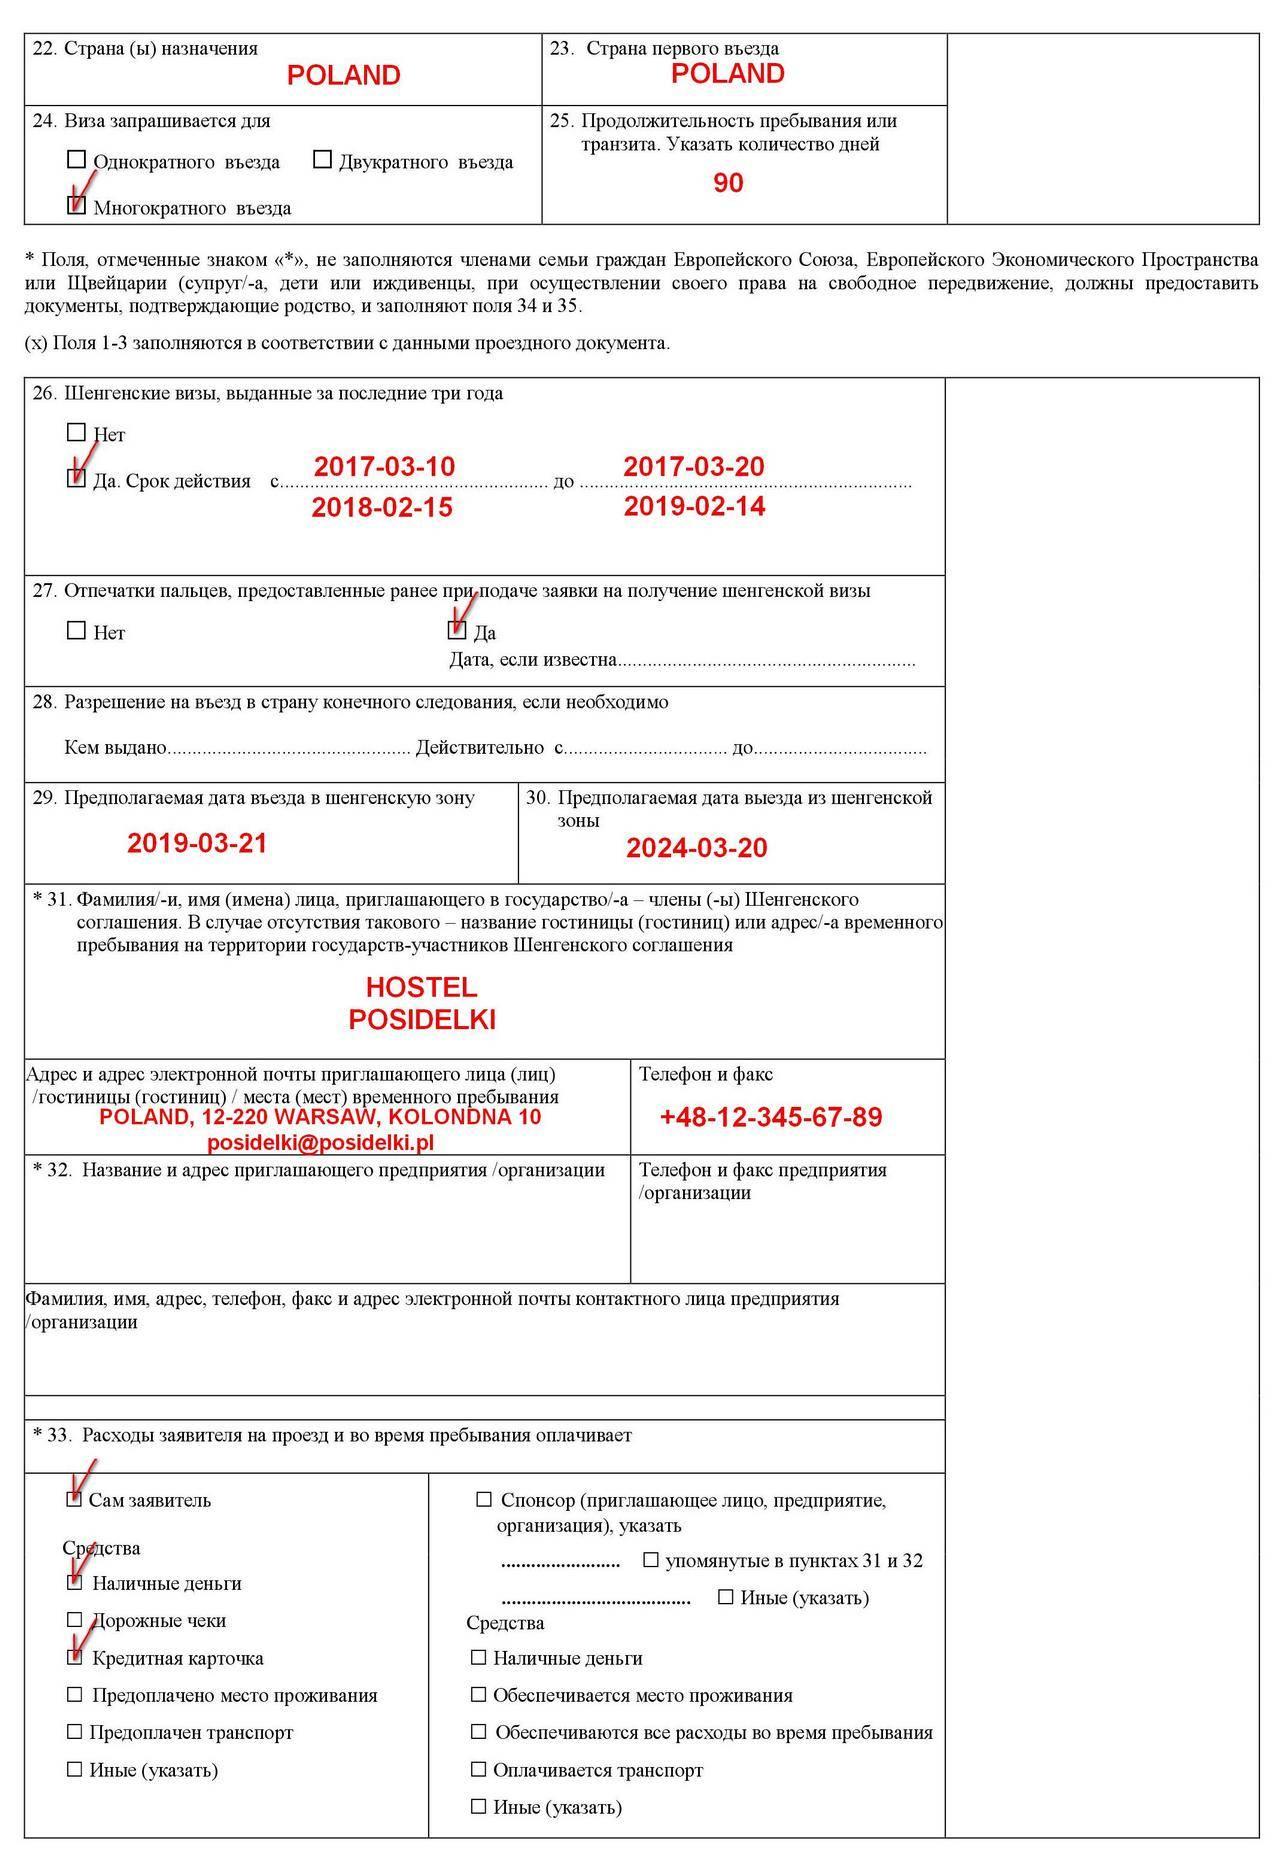 Шенгенская виза в польшу для россиян в 2021 цена, анкета на польскую визу бланк и образец заполнения